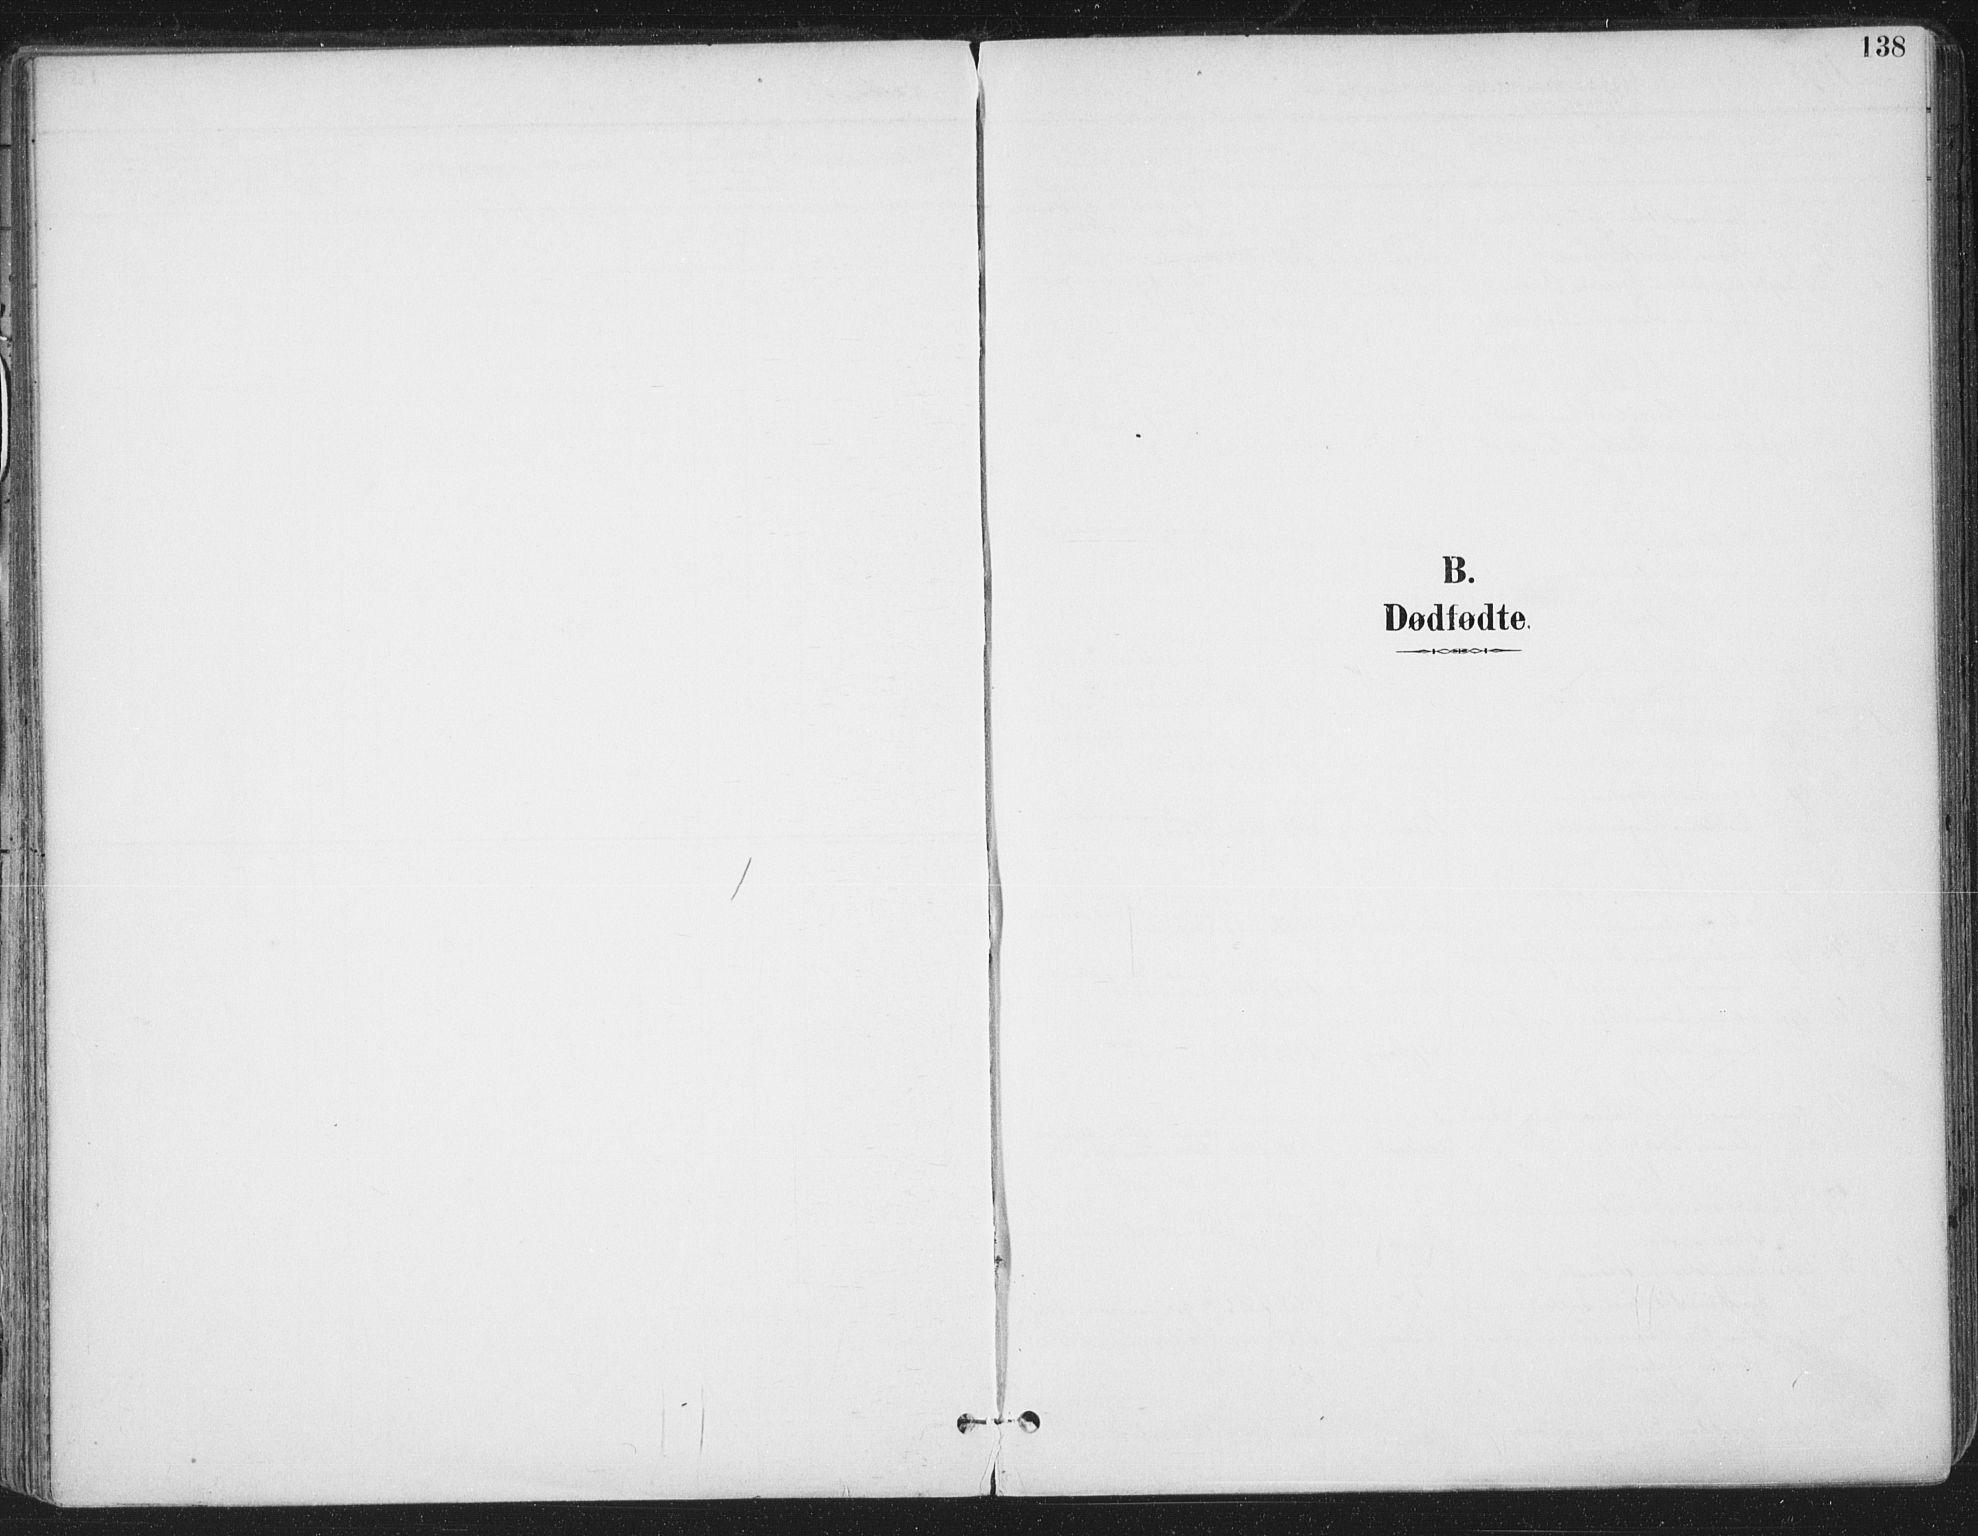 SAT, Ministerialprotokoller, klokkerbøker og fødselsregistre - Sør-Trøndelag, 659/L0743: Ministerialbok nr. 659A13, 1893-1910, s. 138